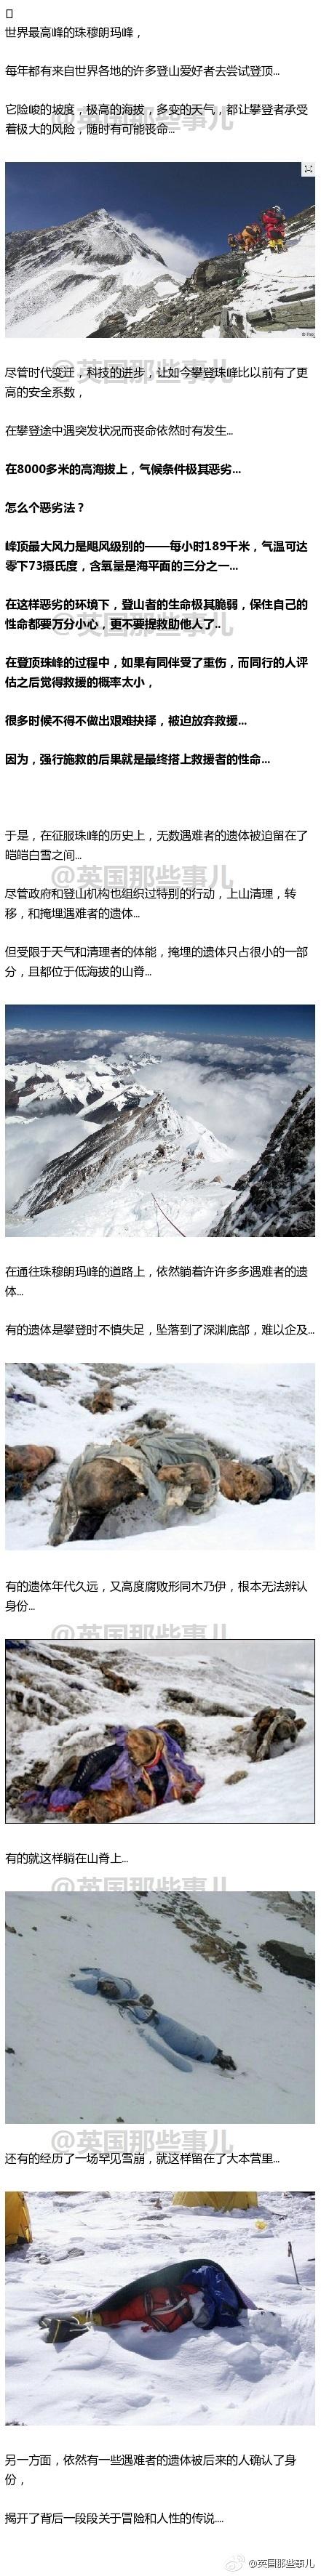 通往珠峰道路上,长眠着一个又一个的故事